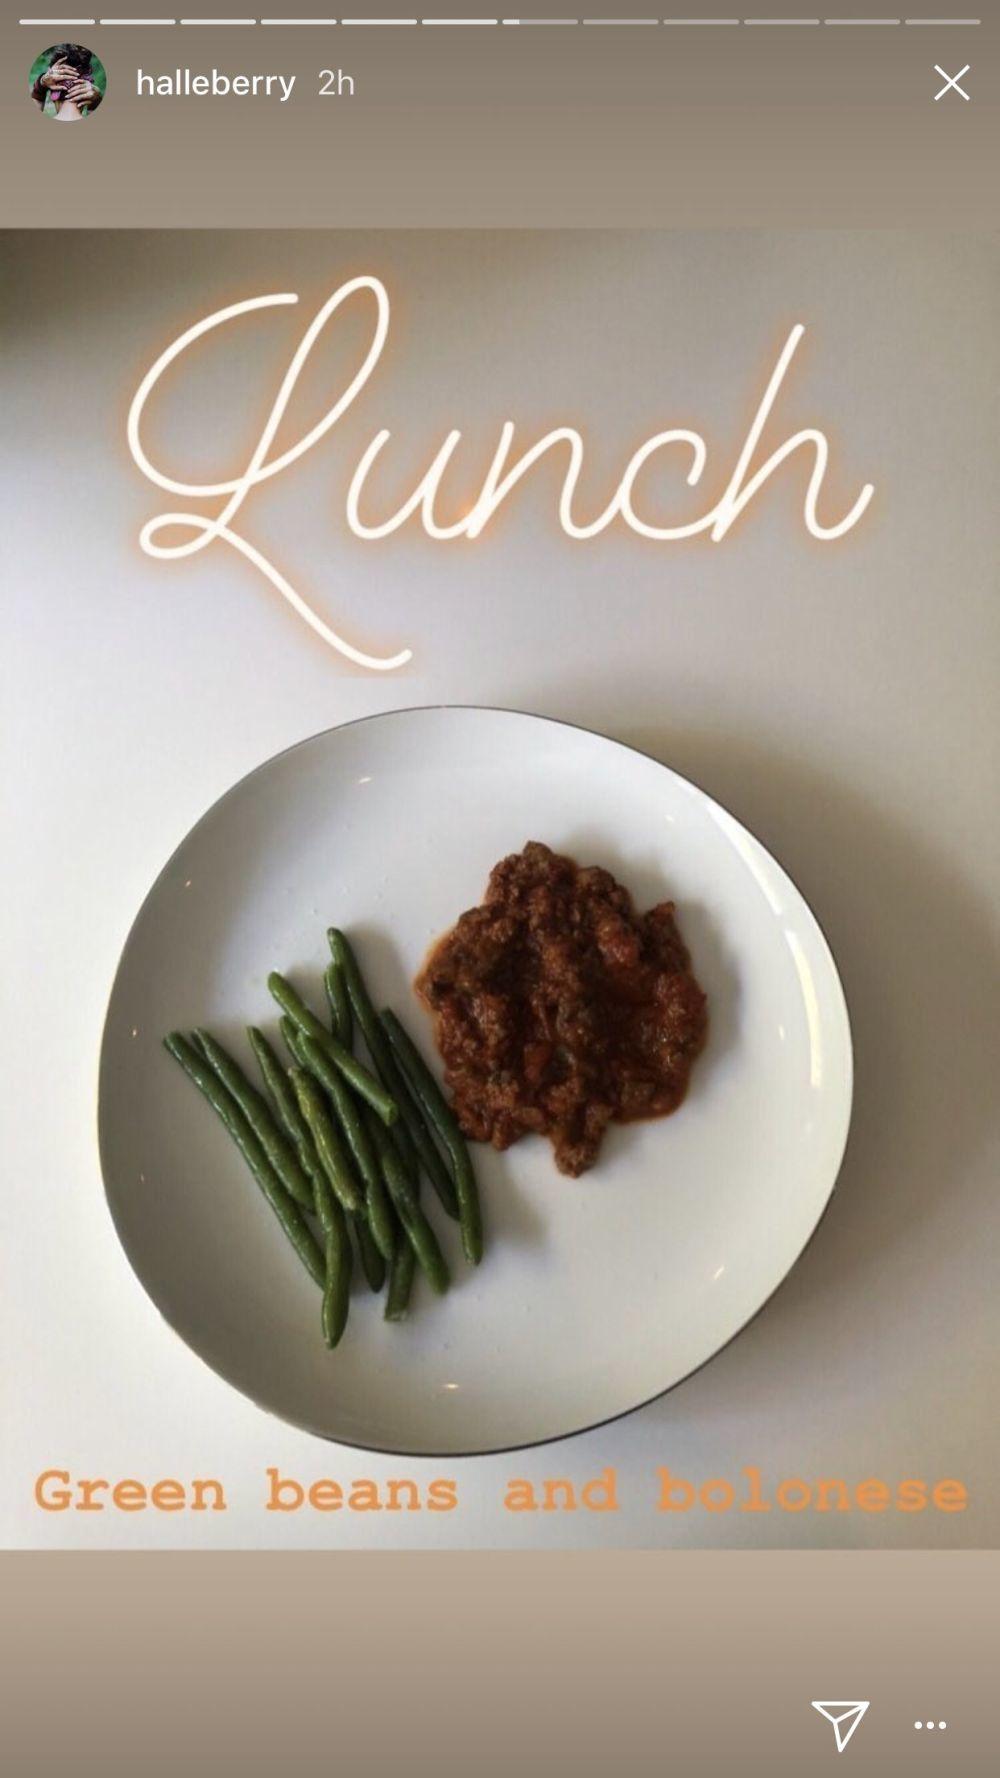 A la hora de comer, Halle Berry apuesta por las verduras verdes y una...